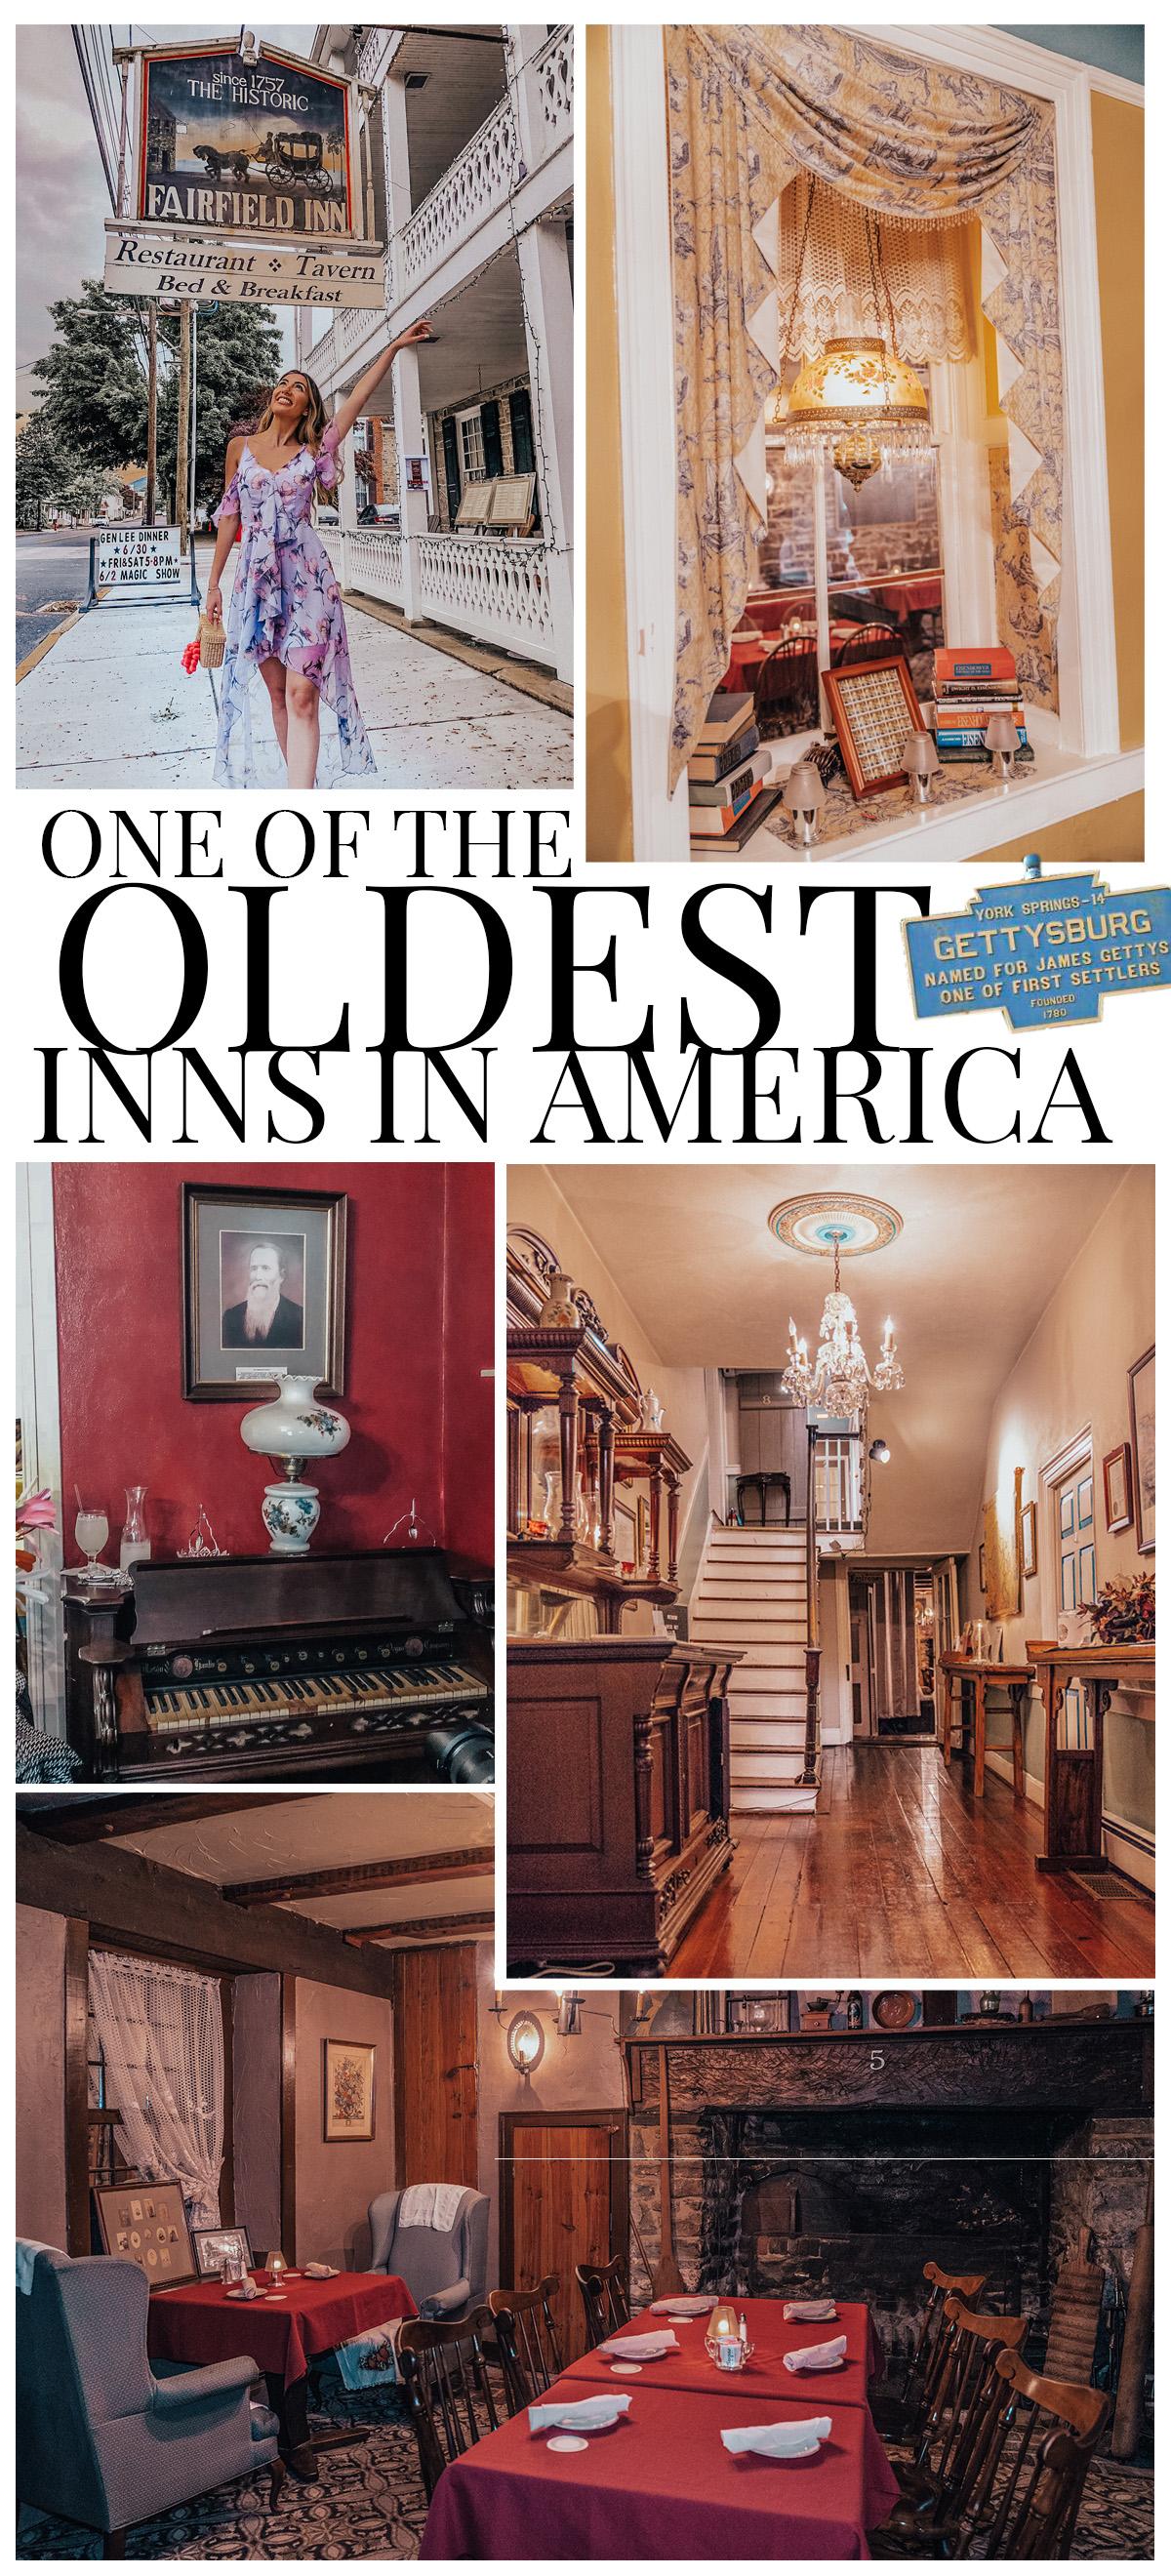 Review on oldest inn in America - The Historic Fairfield Inn in Gettysburg, Pennsylvania